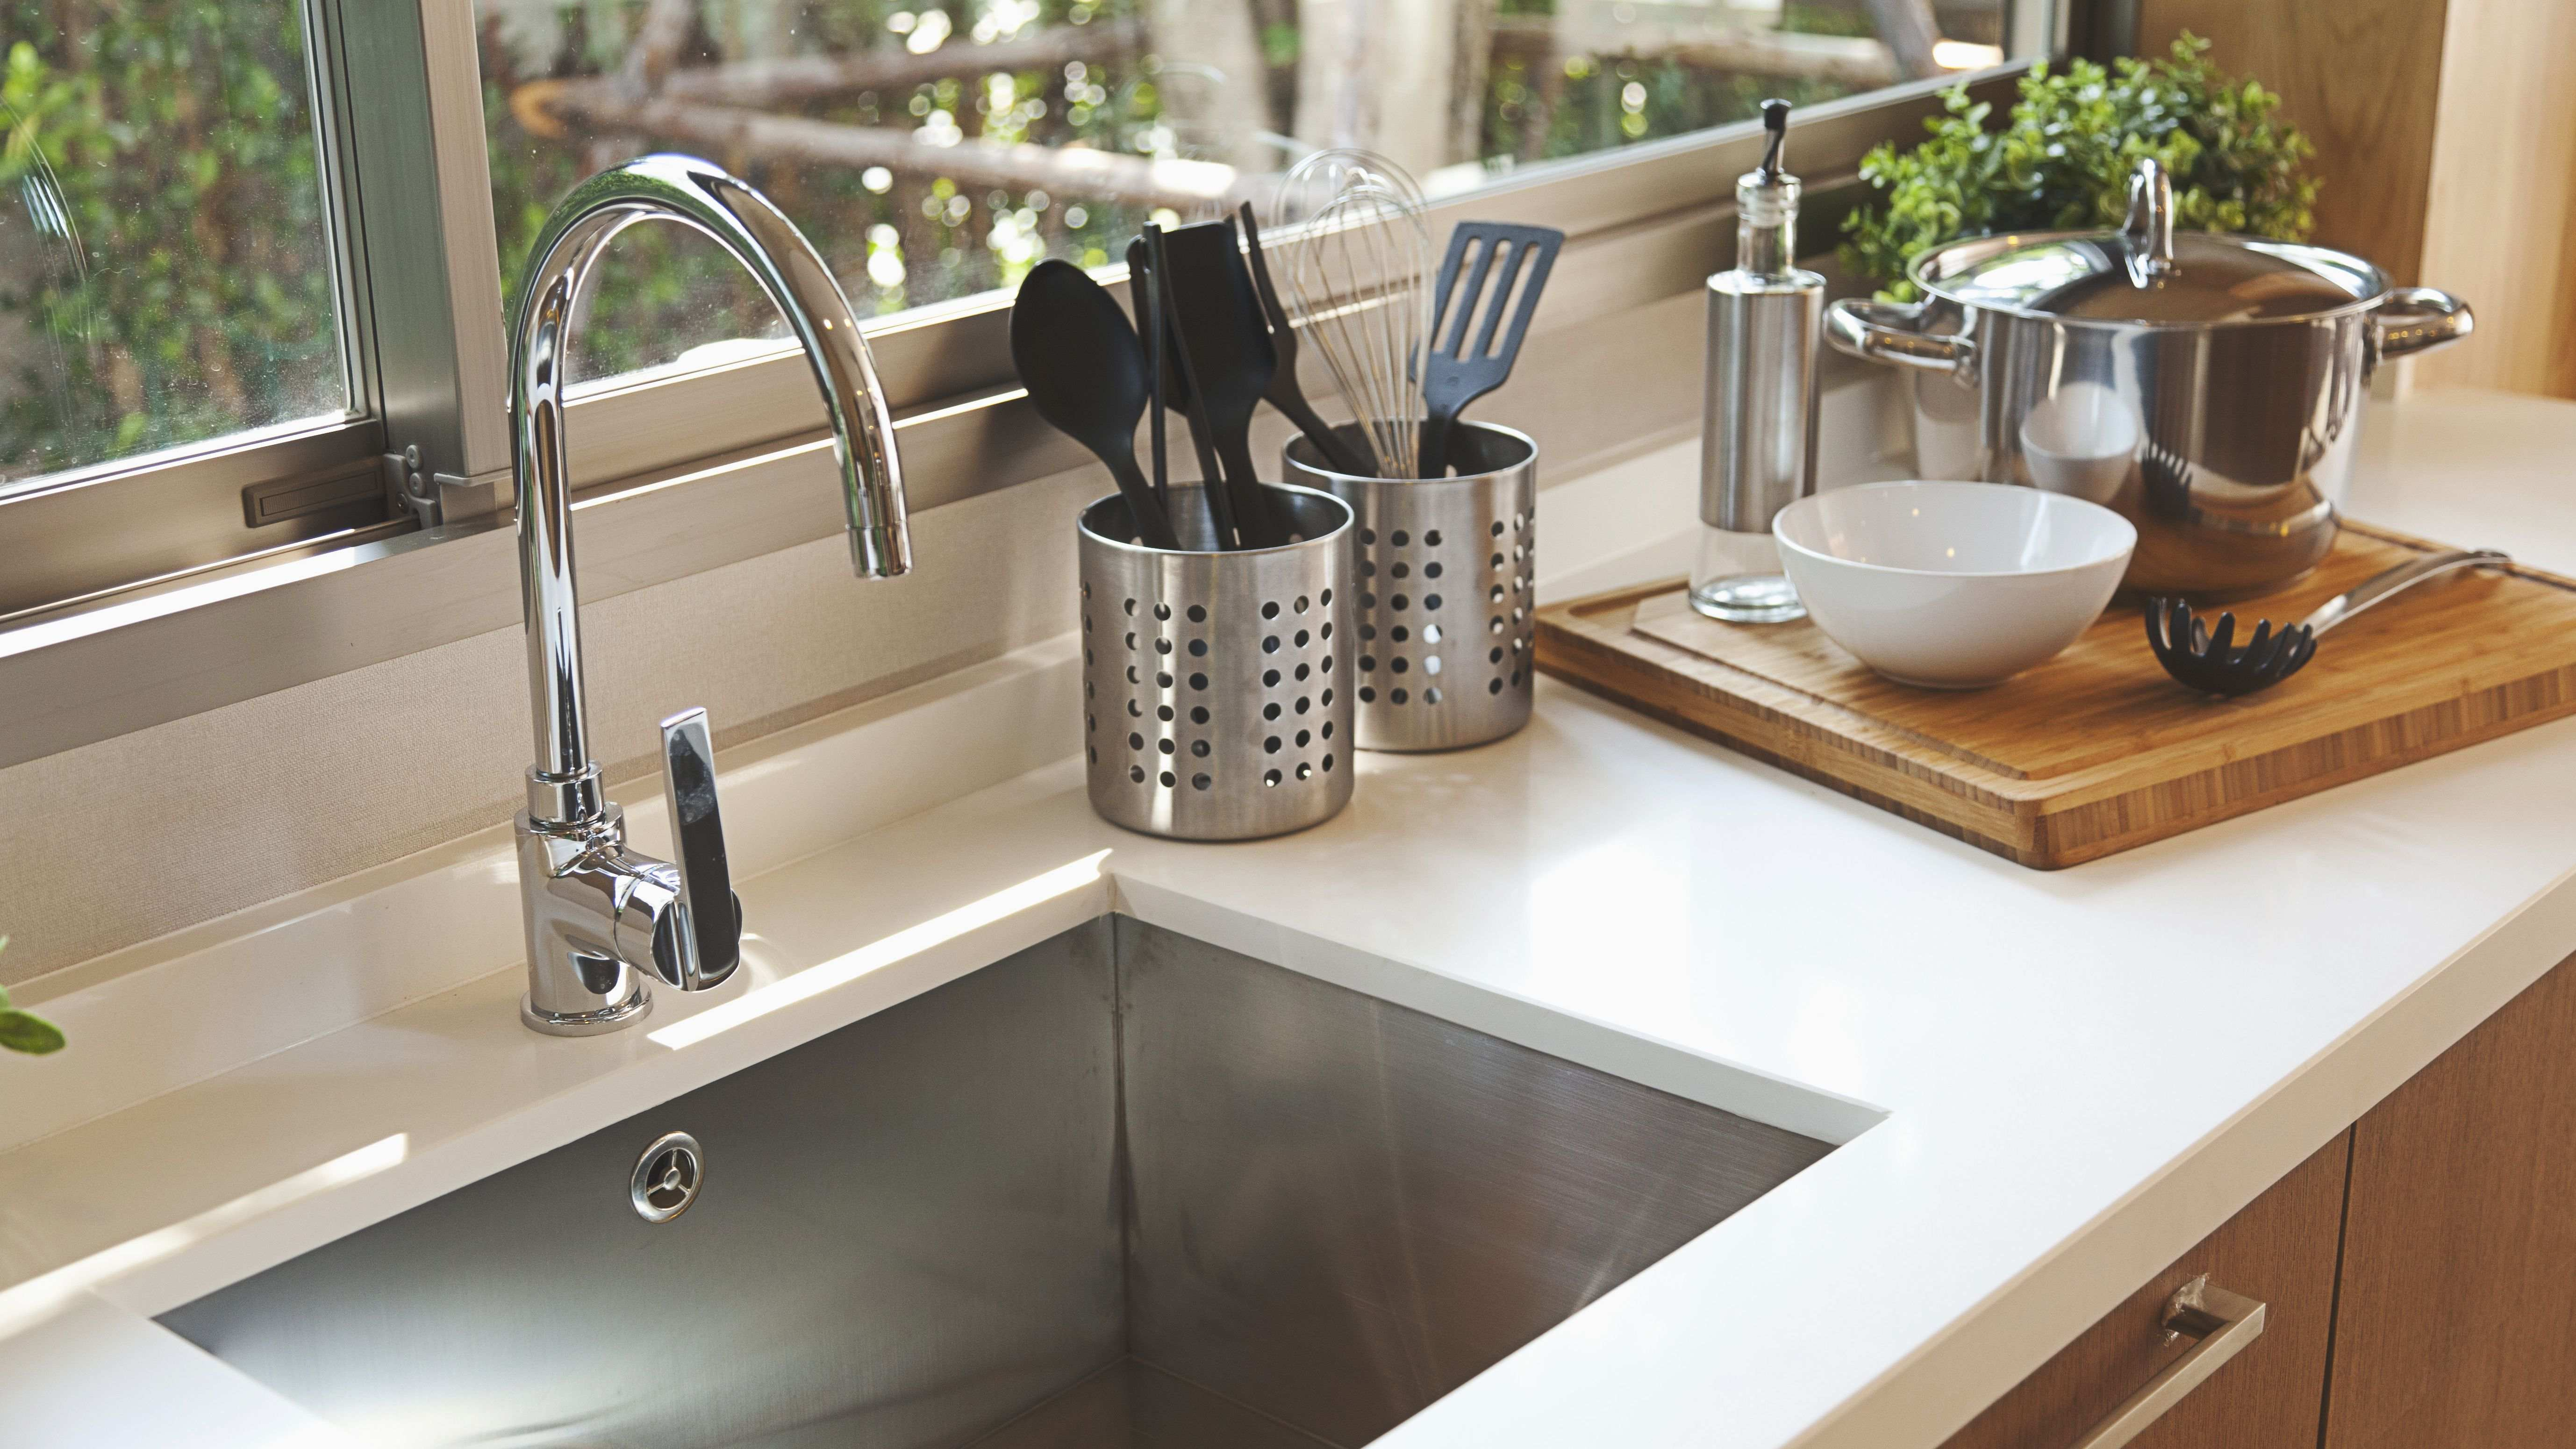 Accessoires pour évier de cuisine : comment choisir